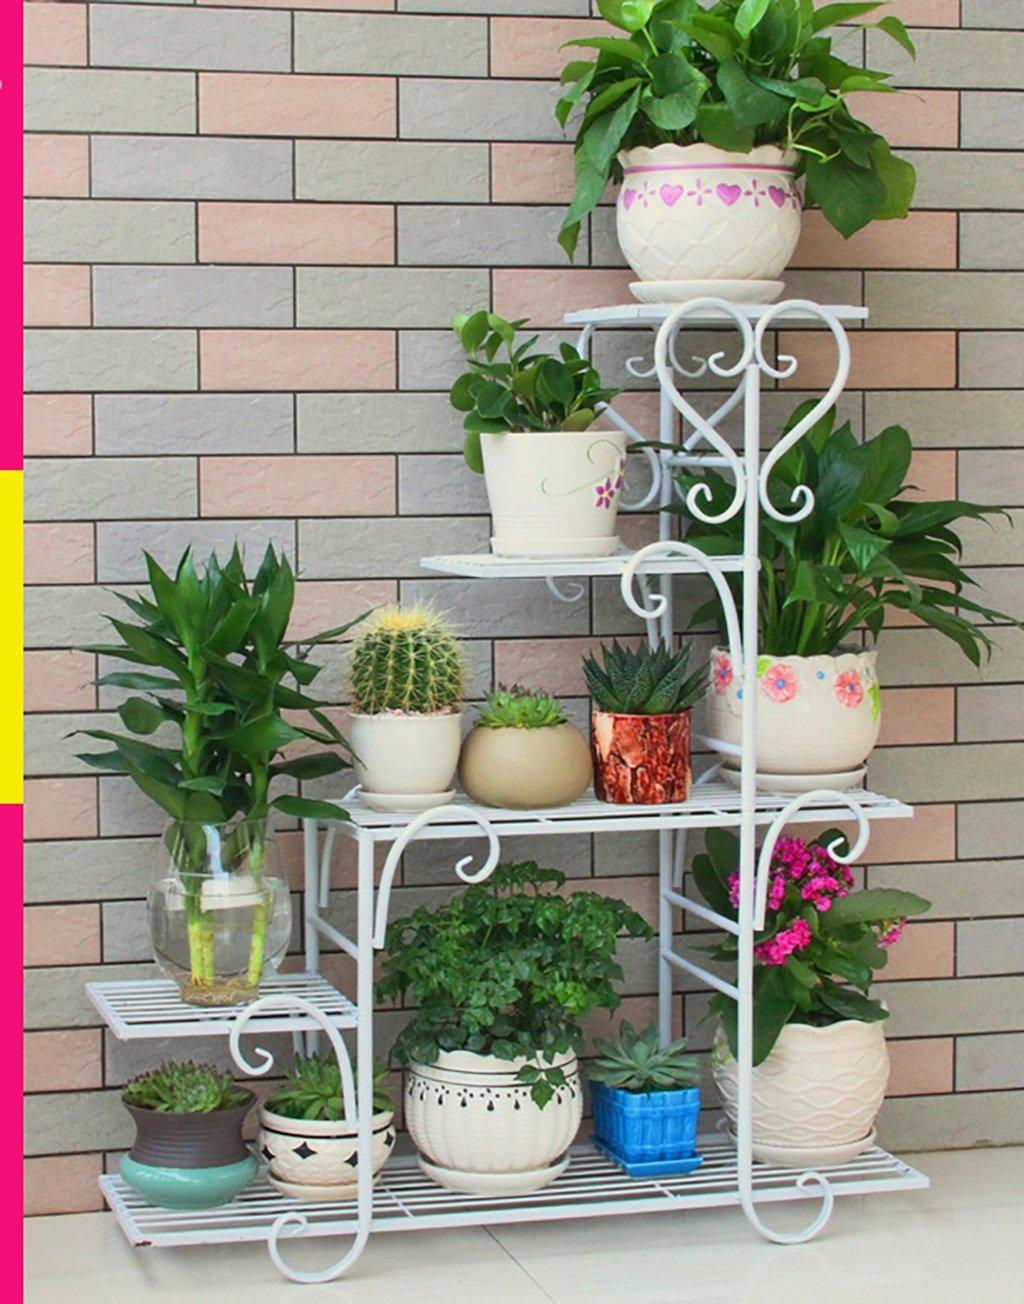 balcon voyantes Porte-fleurs porte-fleurs en fer forg/é Couleur : Blanc , taille : 68*23*85cm pr/ésentoir pour plantes de balcon porte-fleurs pour plantes vertes en plein air Plantes dext/érieur Pr/ésentoir